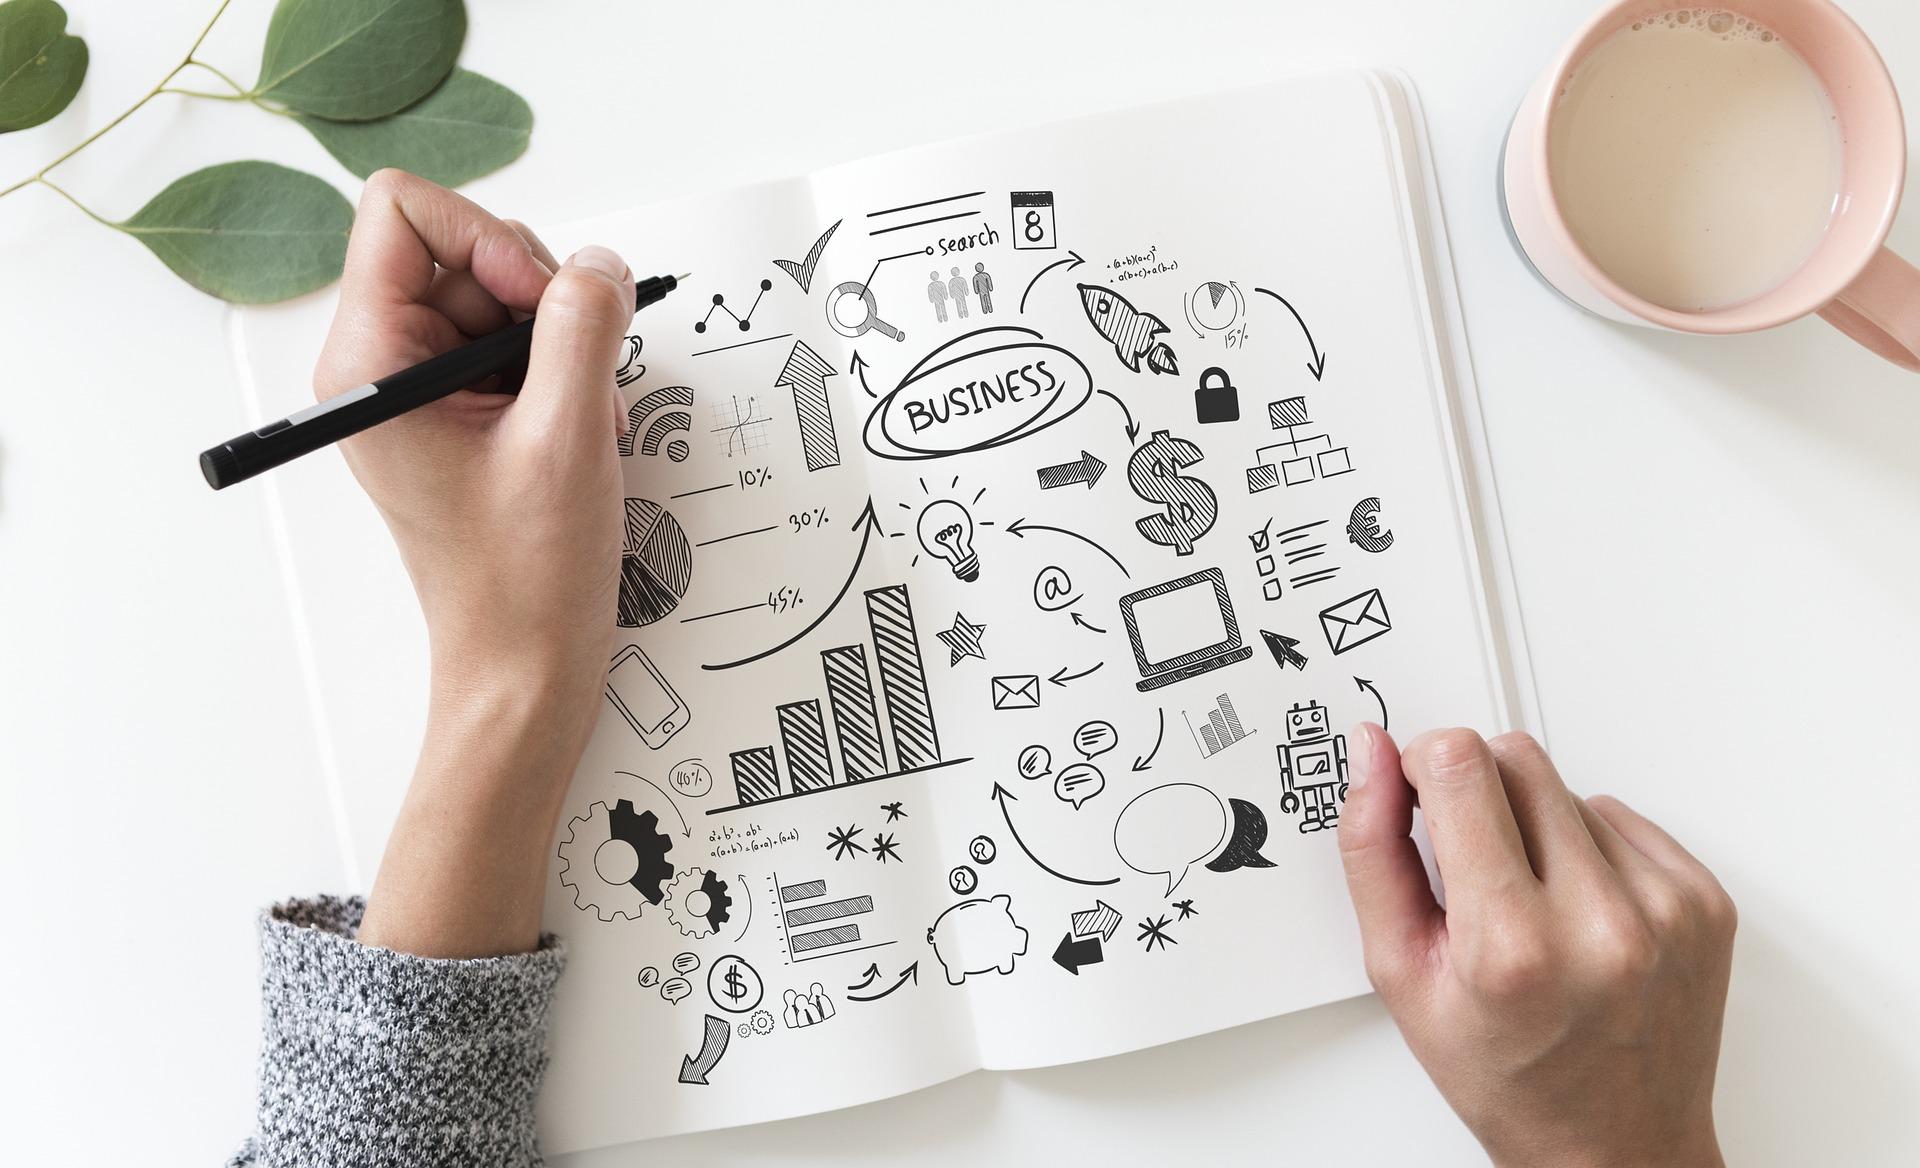 EXLIBRA - Общество с ограниченной ответственностью или индивидуальная предпринимательская деятельность – что является более выгодным?